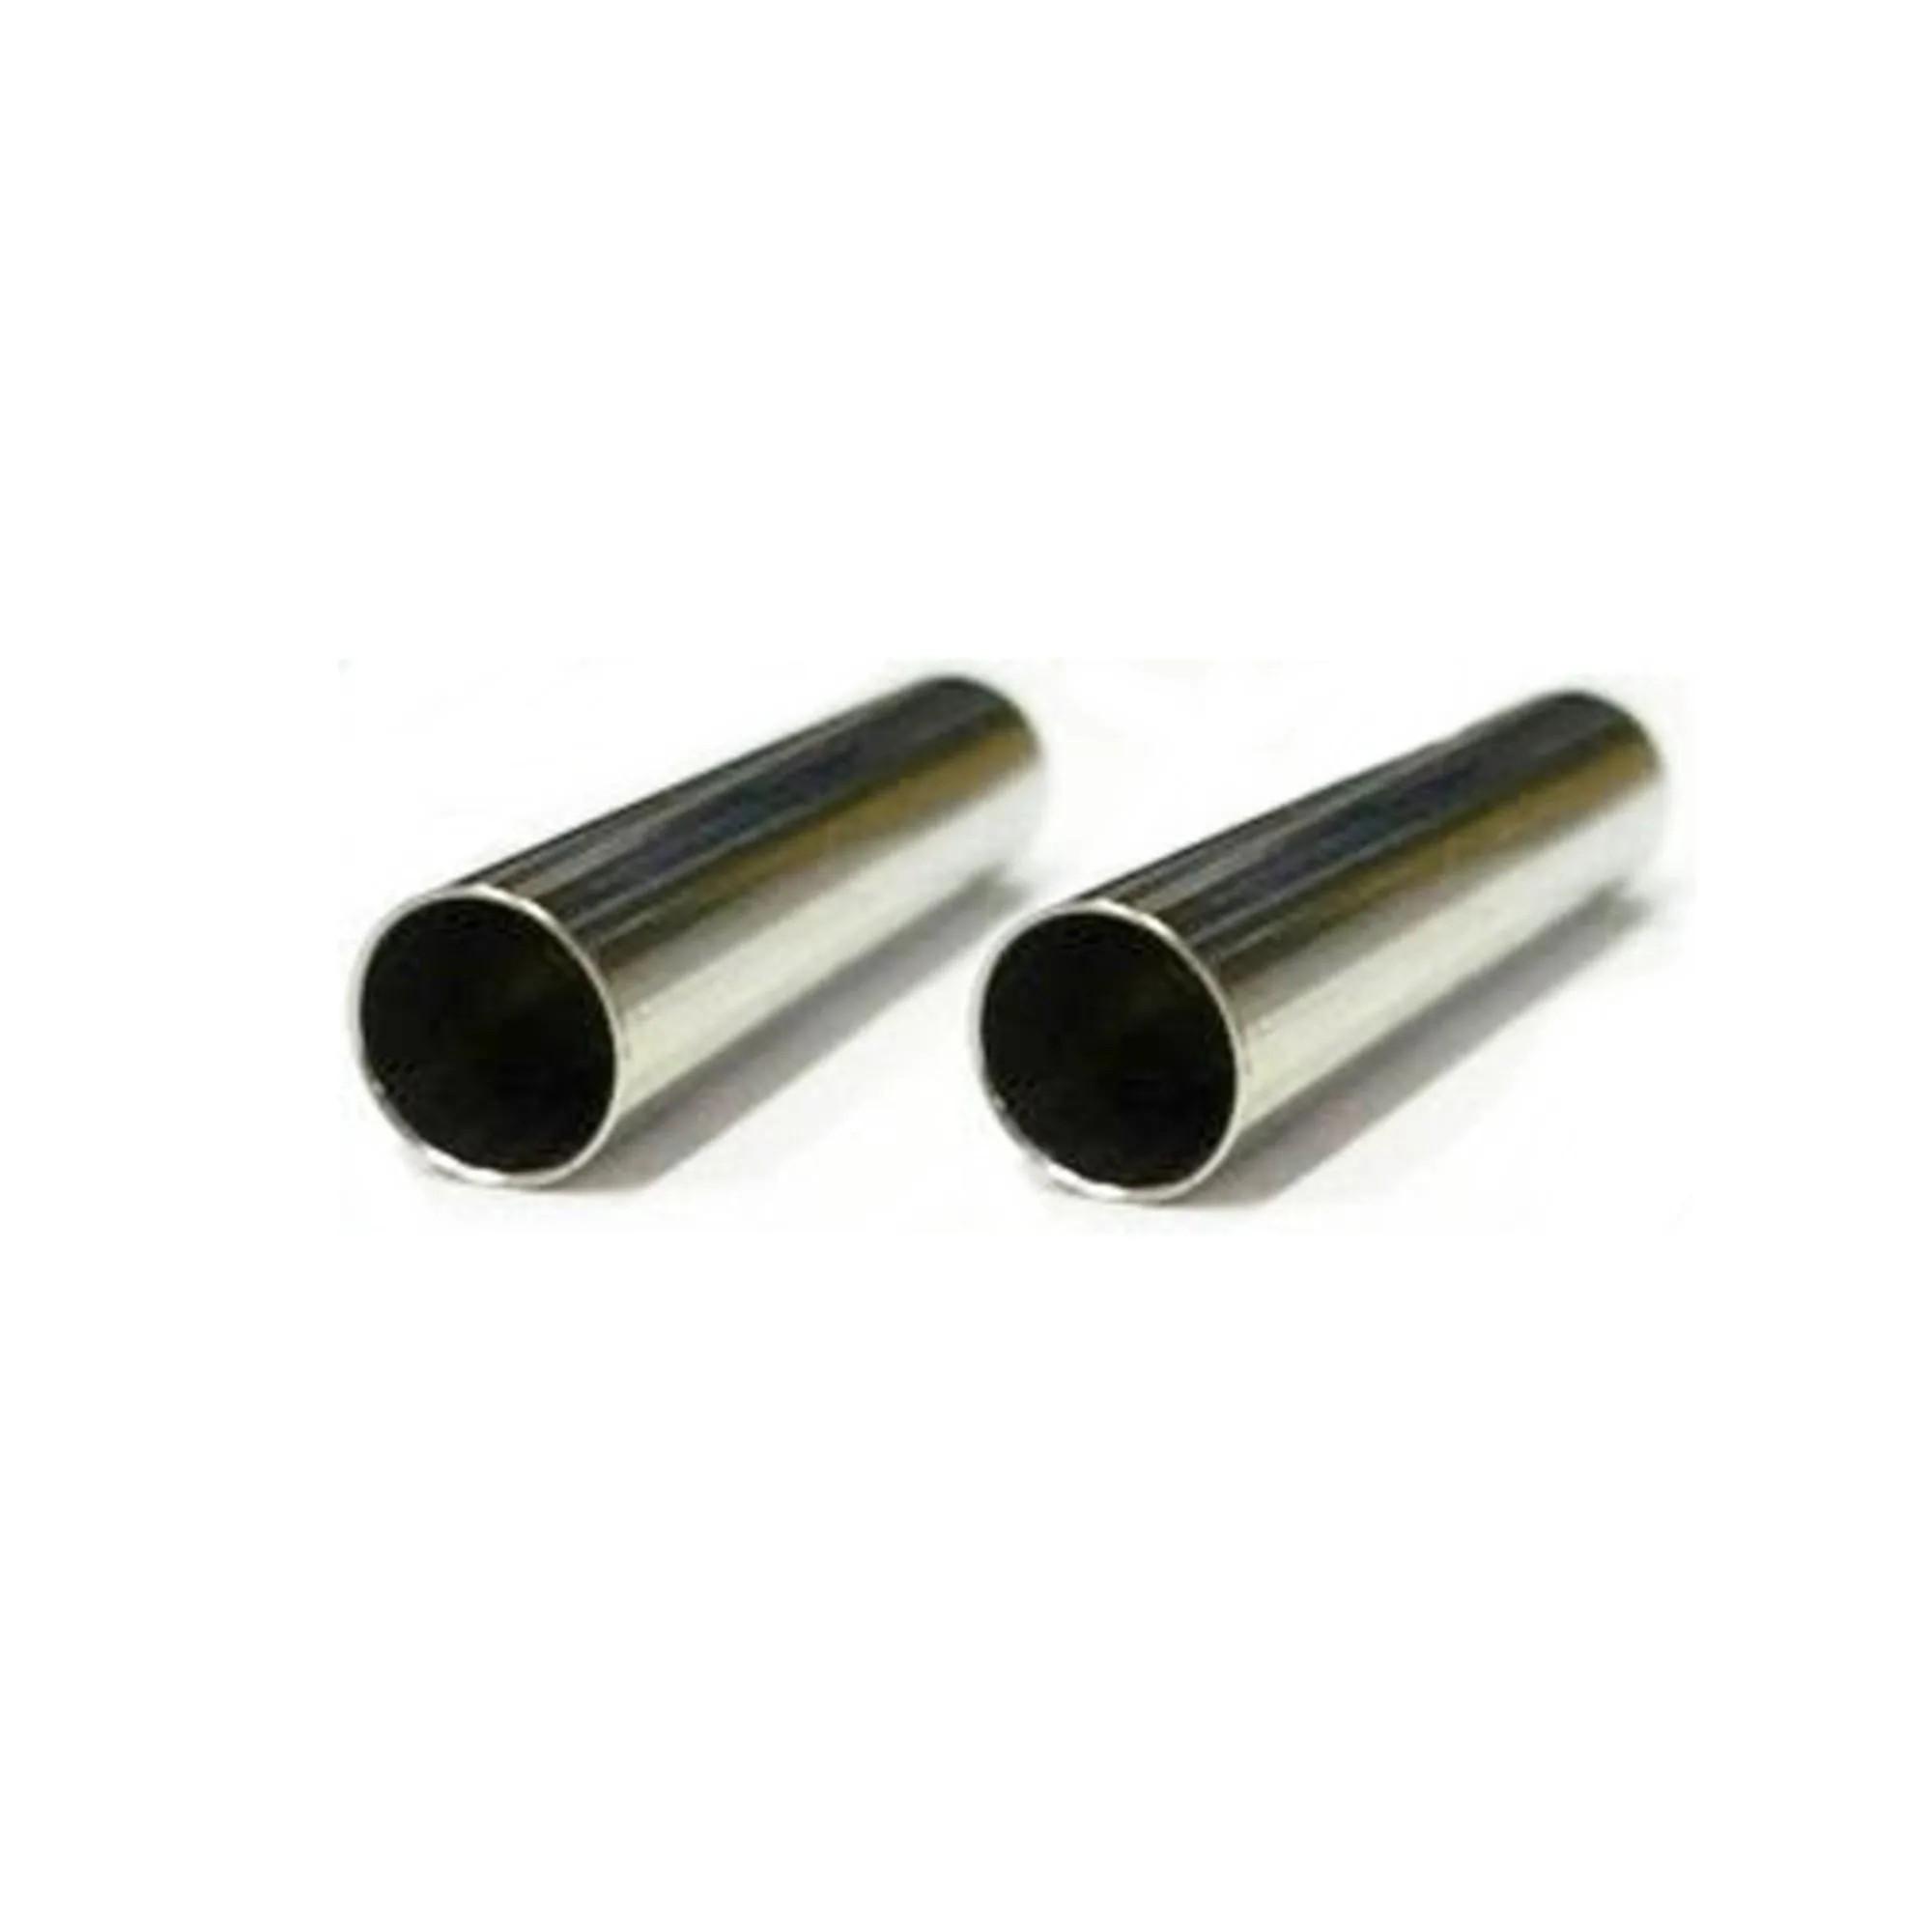 Luva Metal Cabo Aço nº 5 - 1000 unidades  - Artpesca